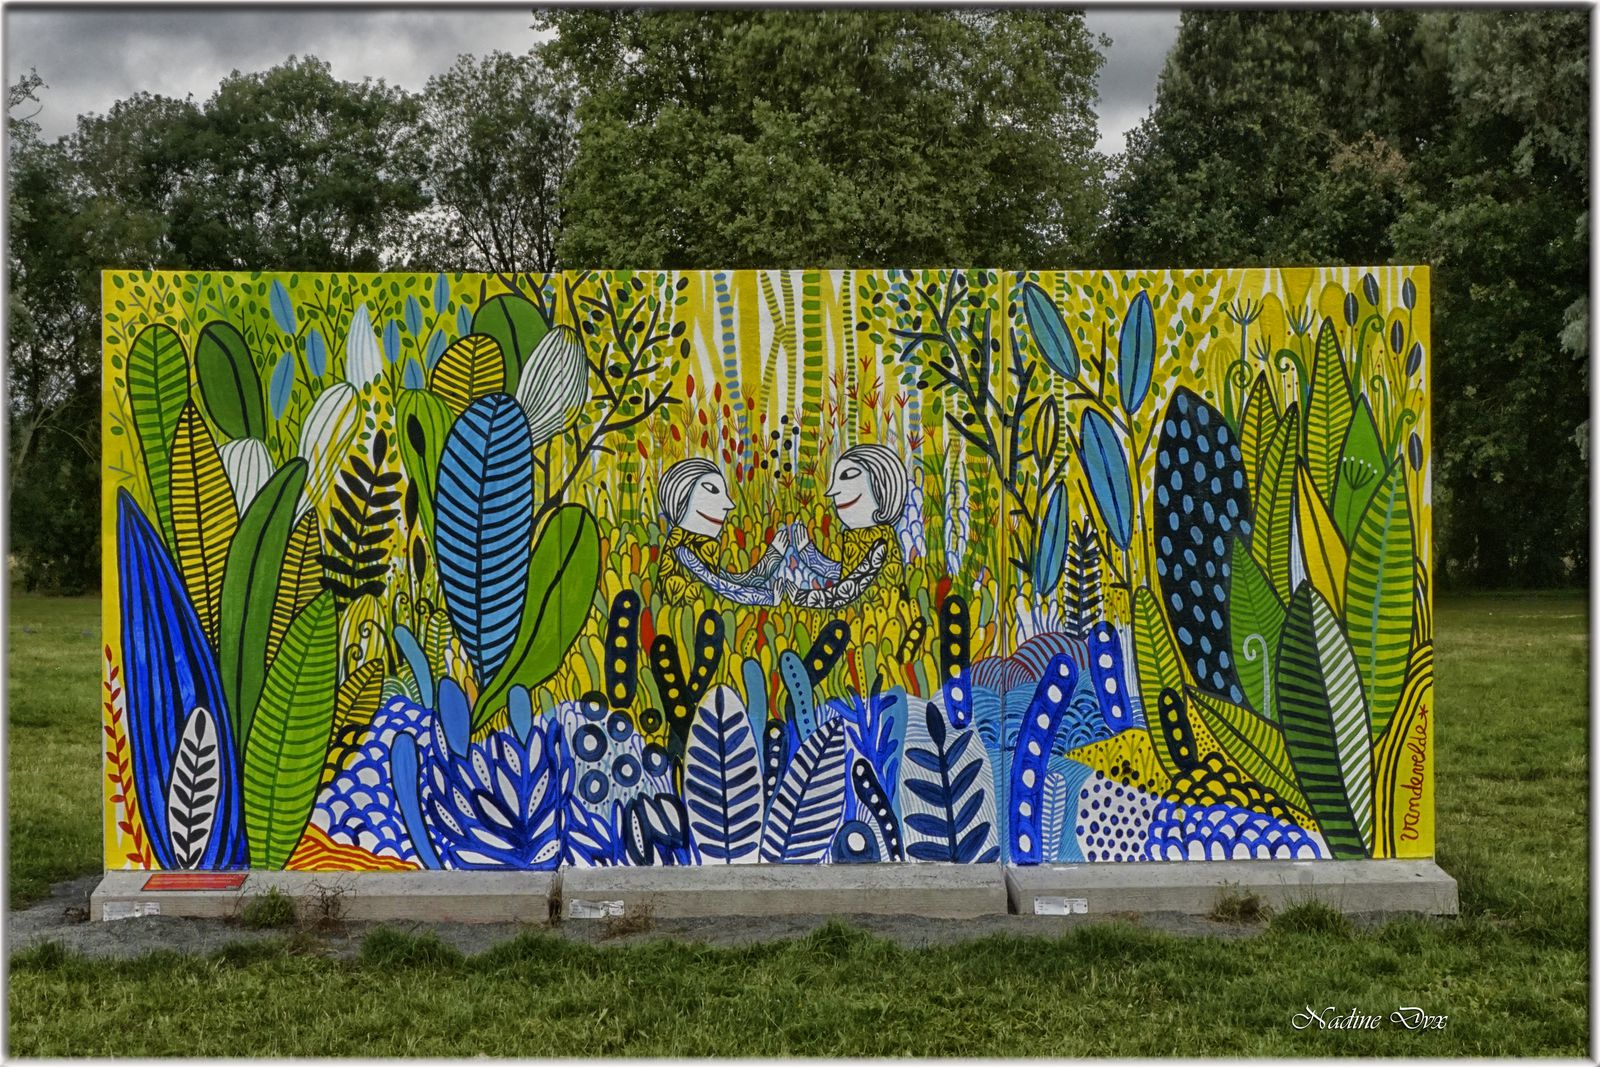 Parcours de Street-Art au parc du Gué-de-Maulny - 2021